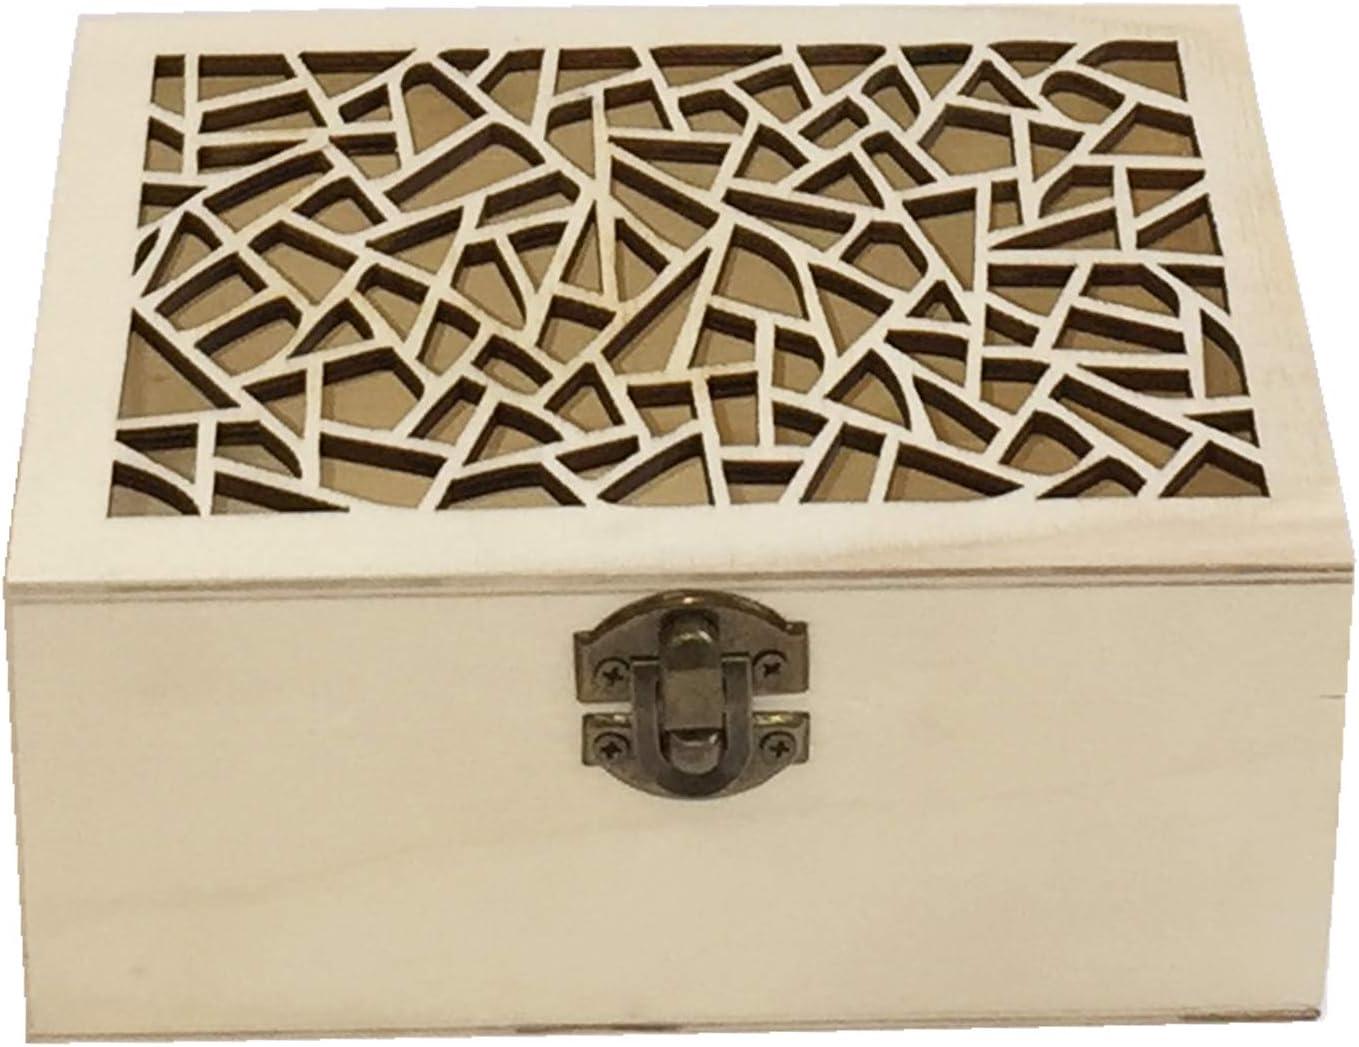 Caja de Madera artesanía con Tapa Forma Grieta: Amazon.es: Hogar